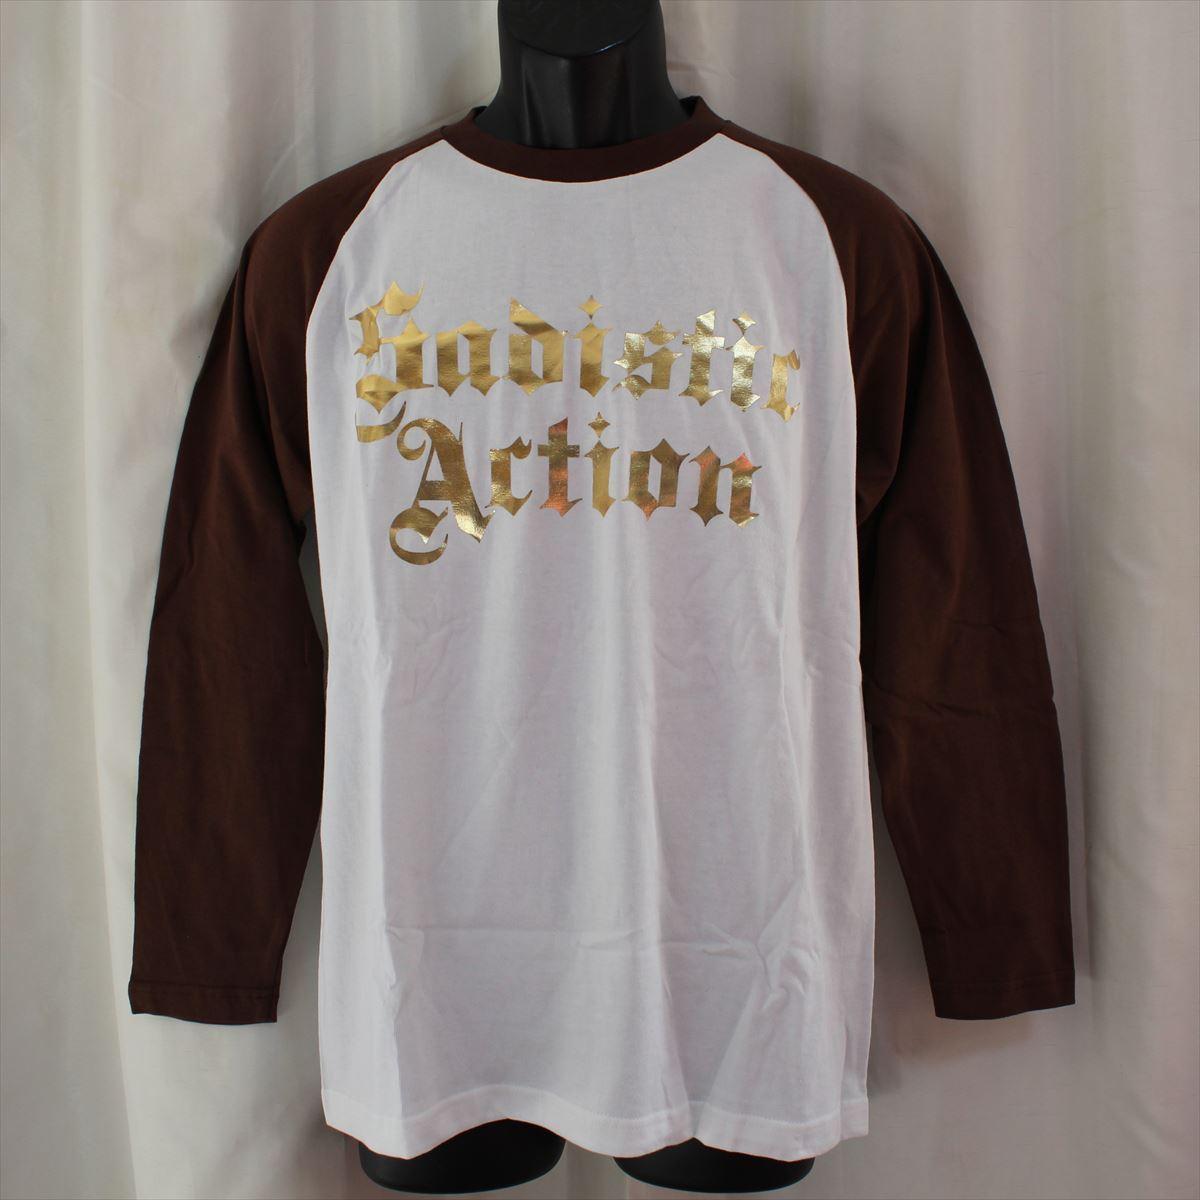 サディスティックアクション SADISTIC ACTION メンズ長袖Tシャツ Mサイズ NO14 新品_画像1